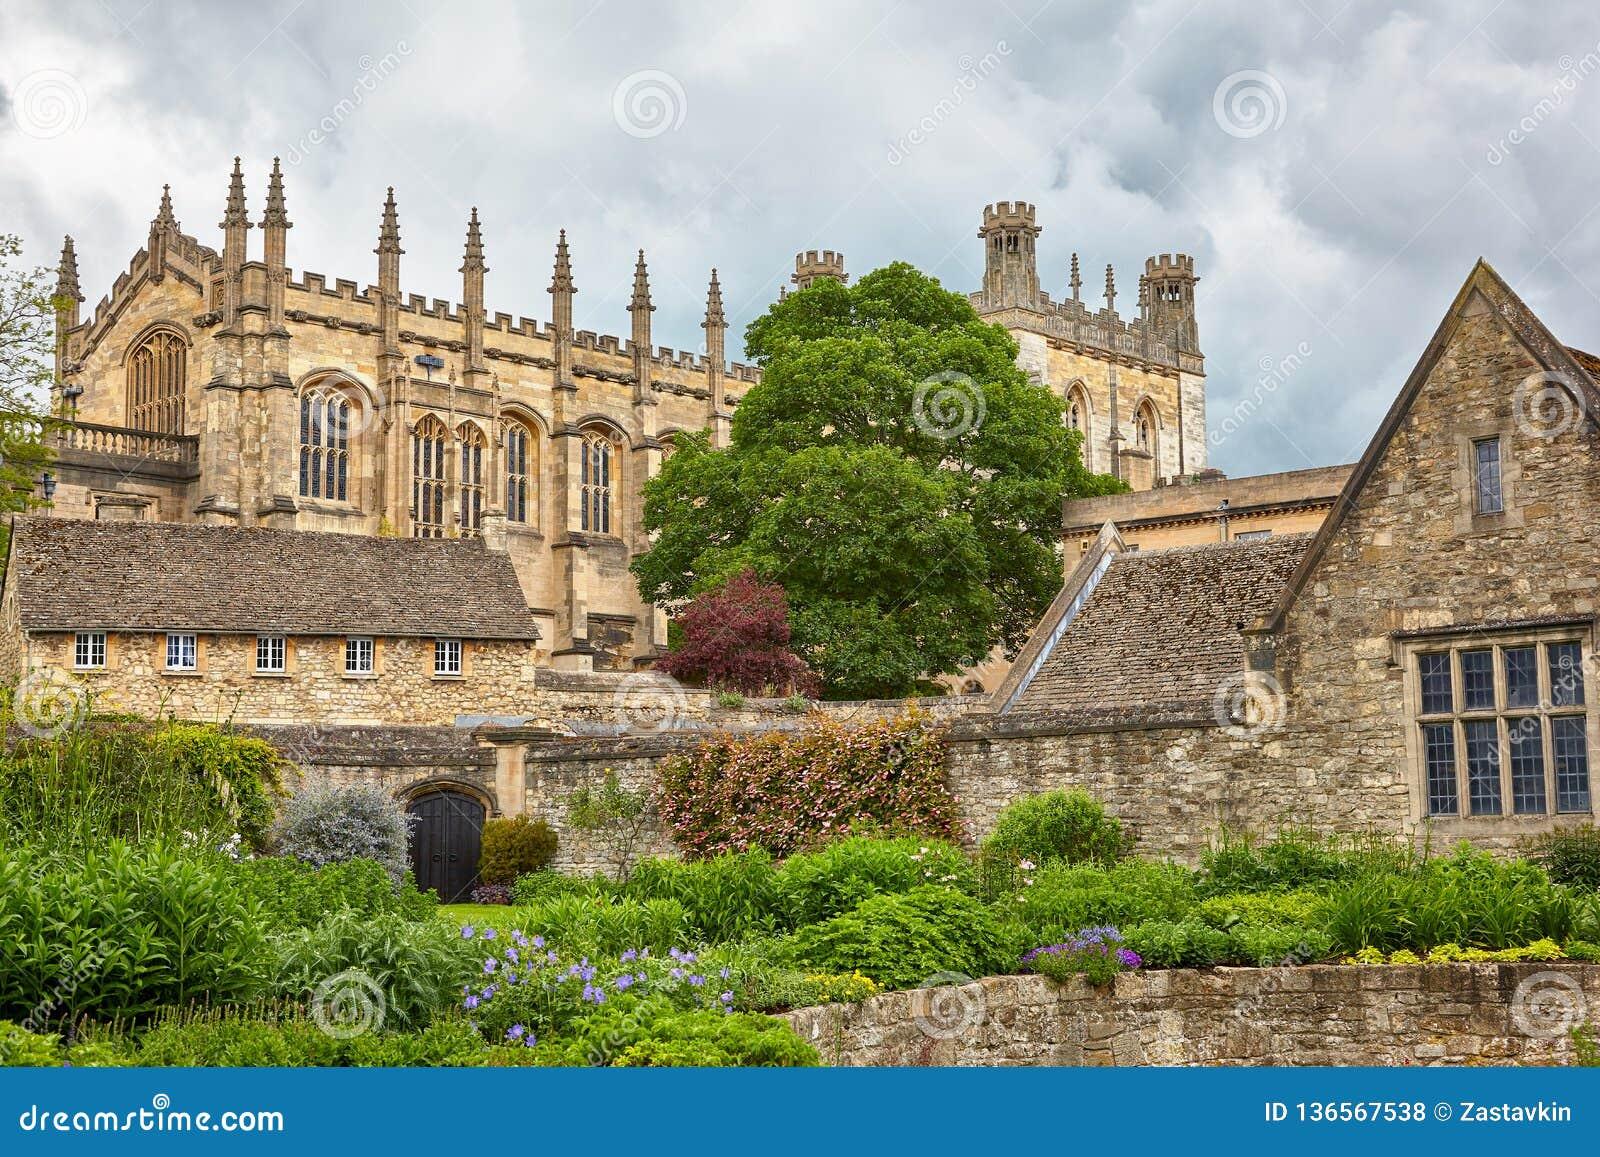 La iglesia de Cristo según lo visto de los jardines conmemorativos Universidad de Oxford inglaterra